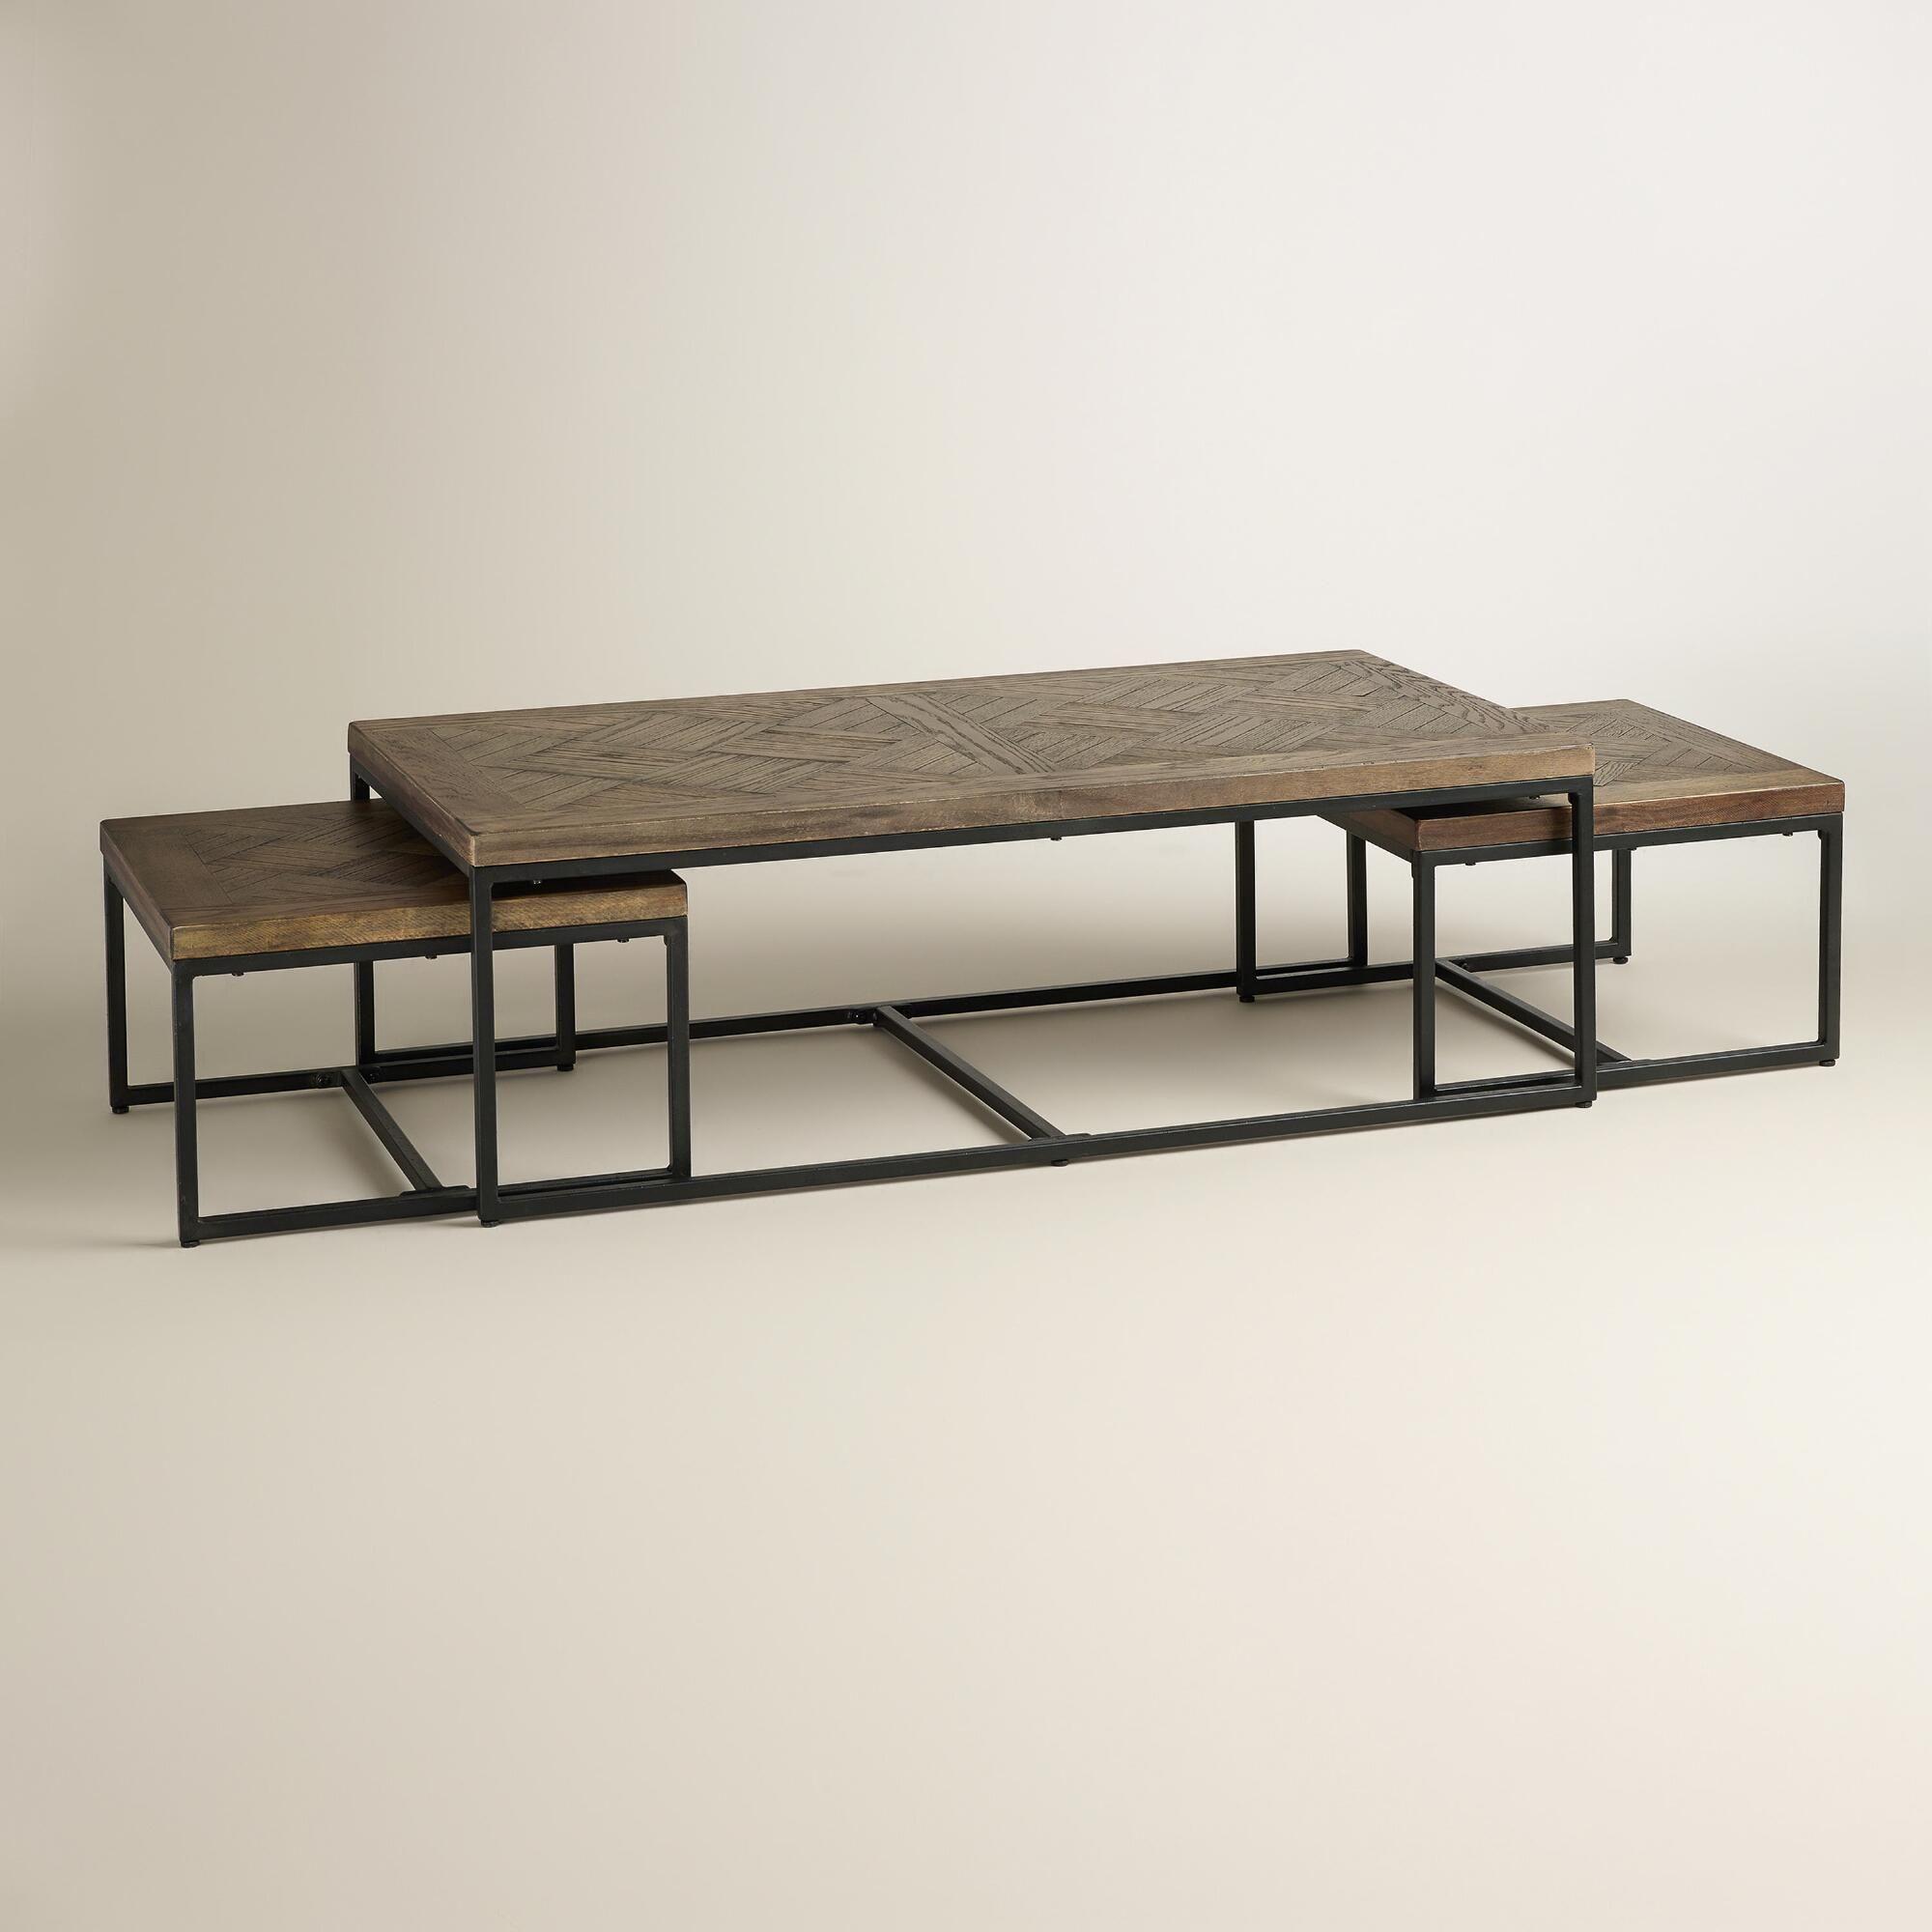 Parquet Gelder Nesting Coffee Tables Set of 3